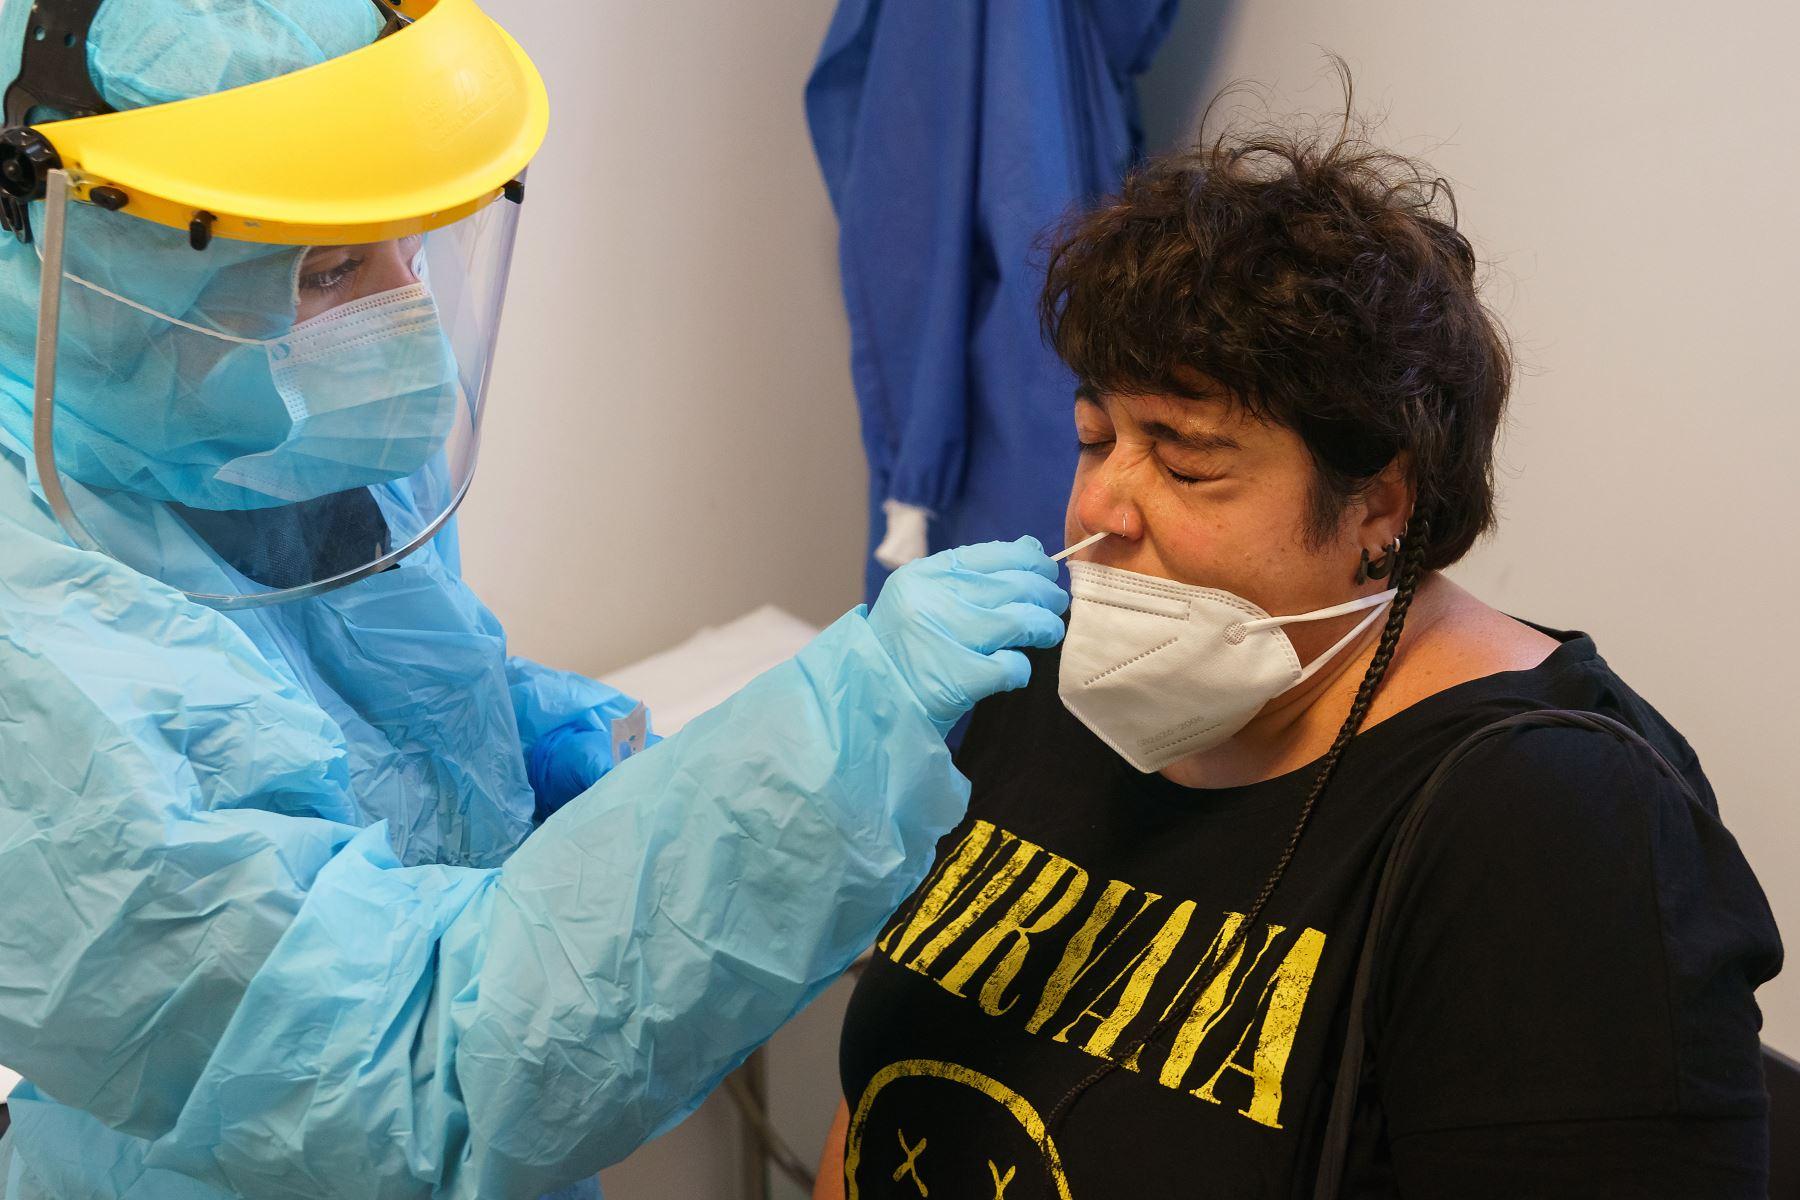 Un trabajador de la salud vestido con equipo de protección toma muestras de una mujer para detectar la enfermedad covid-19 en el centro de salud de La Jota en Zaragoza. Foto: AFP